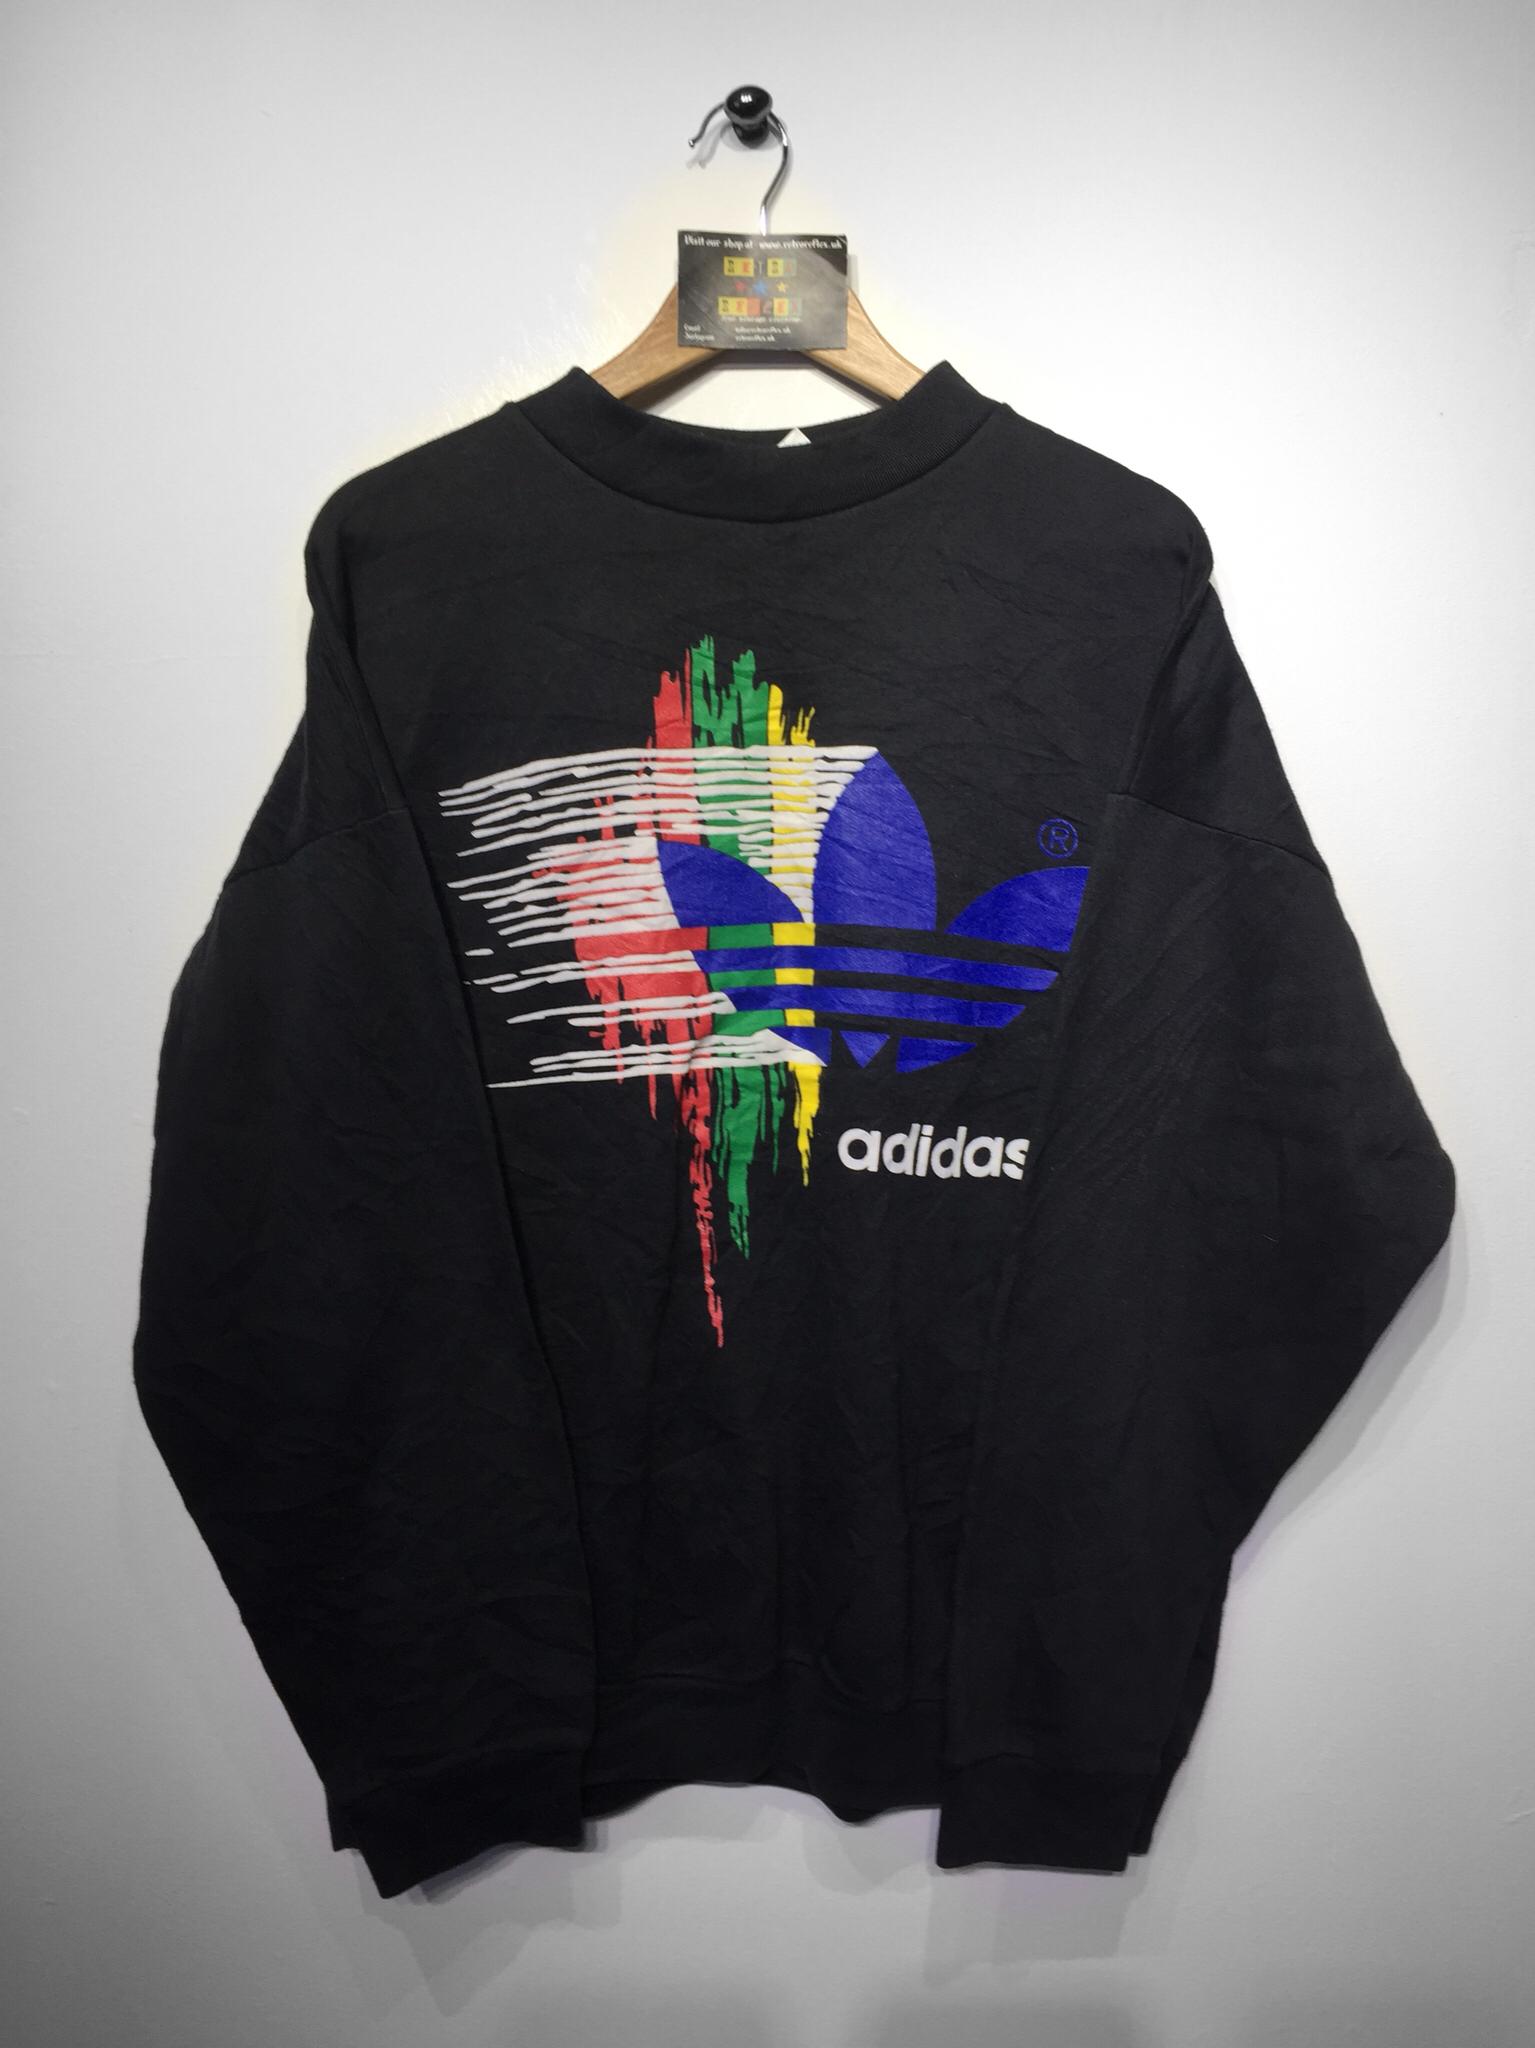 Adidas Sweatshirt size Large (but Fits Oversized) £40